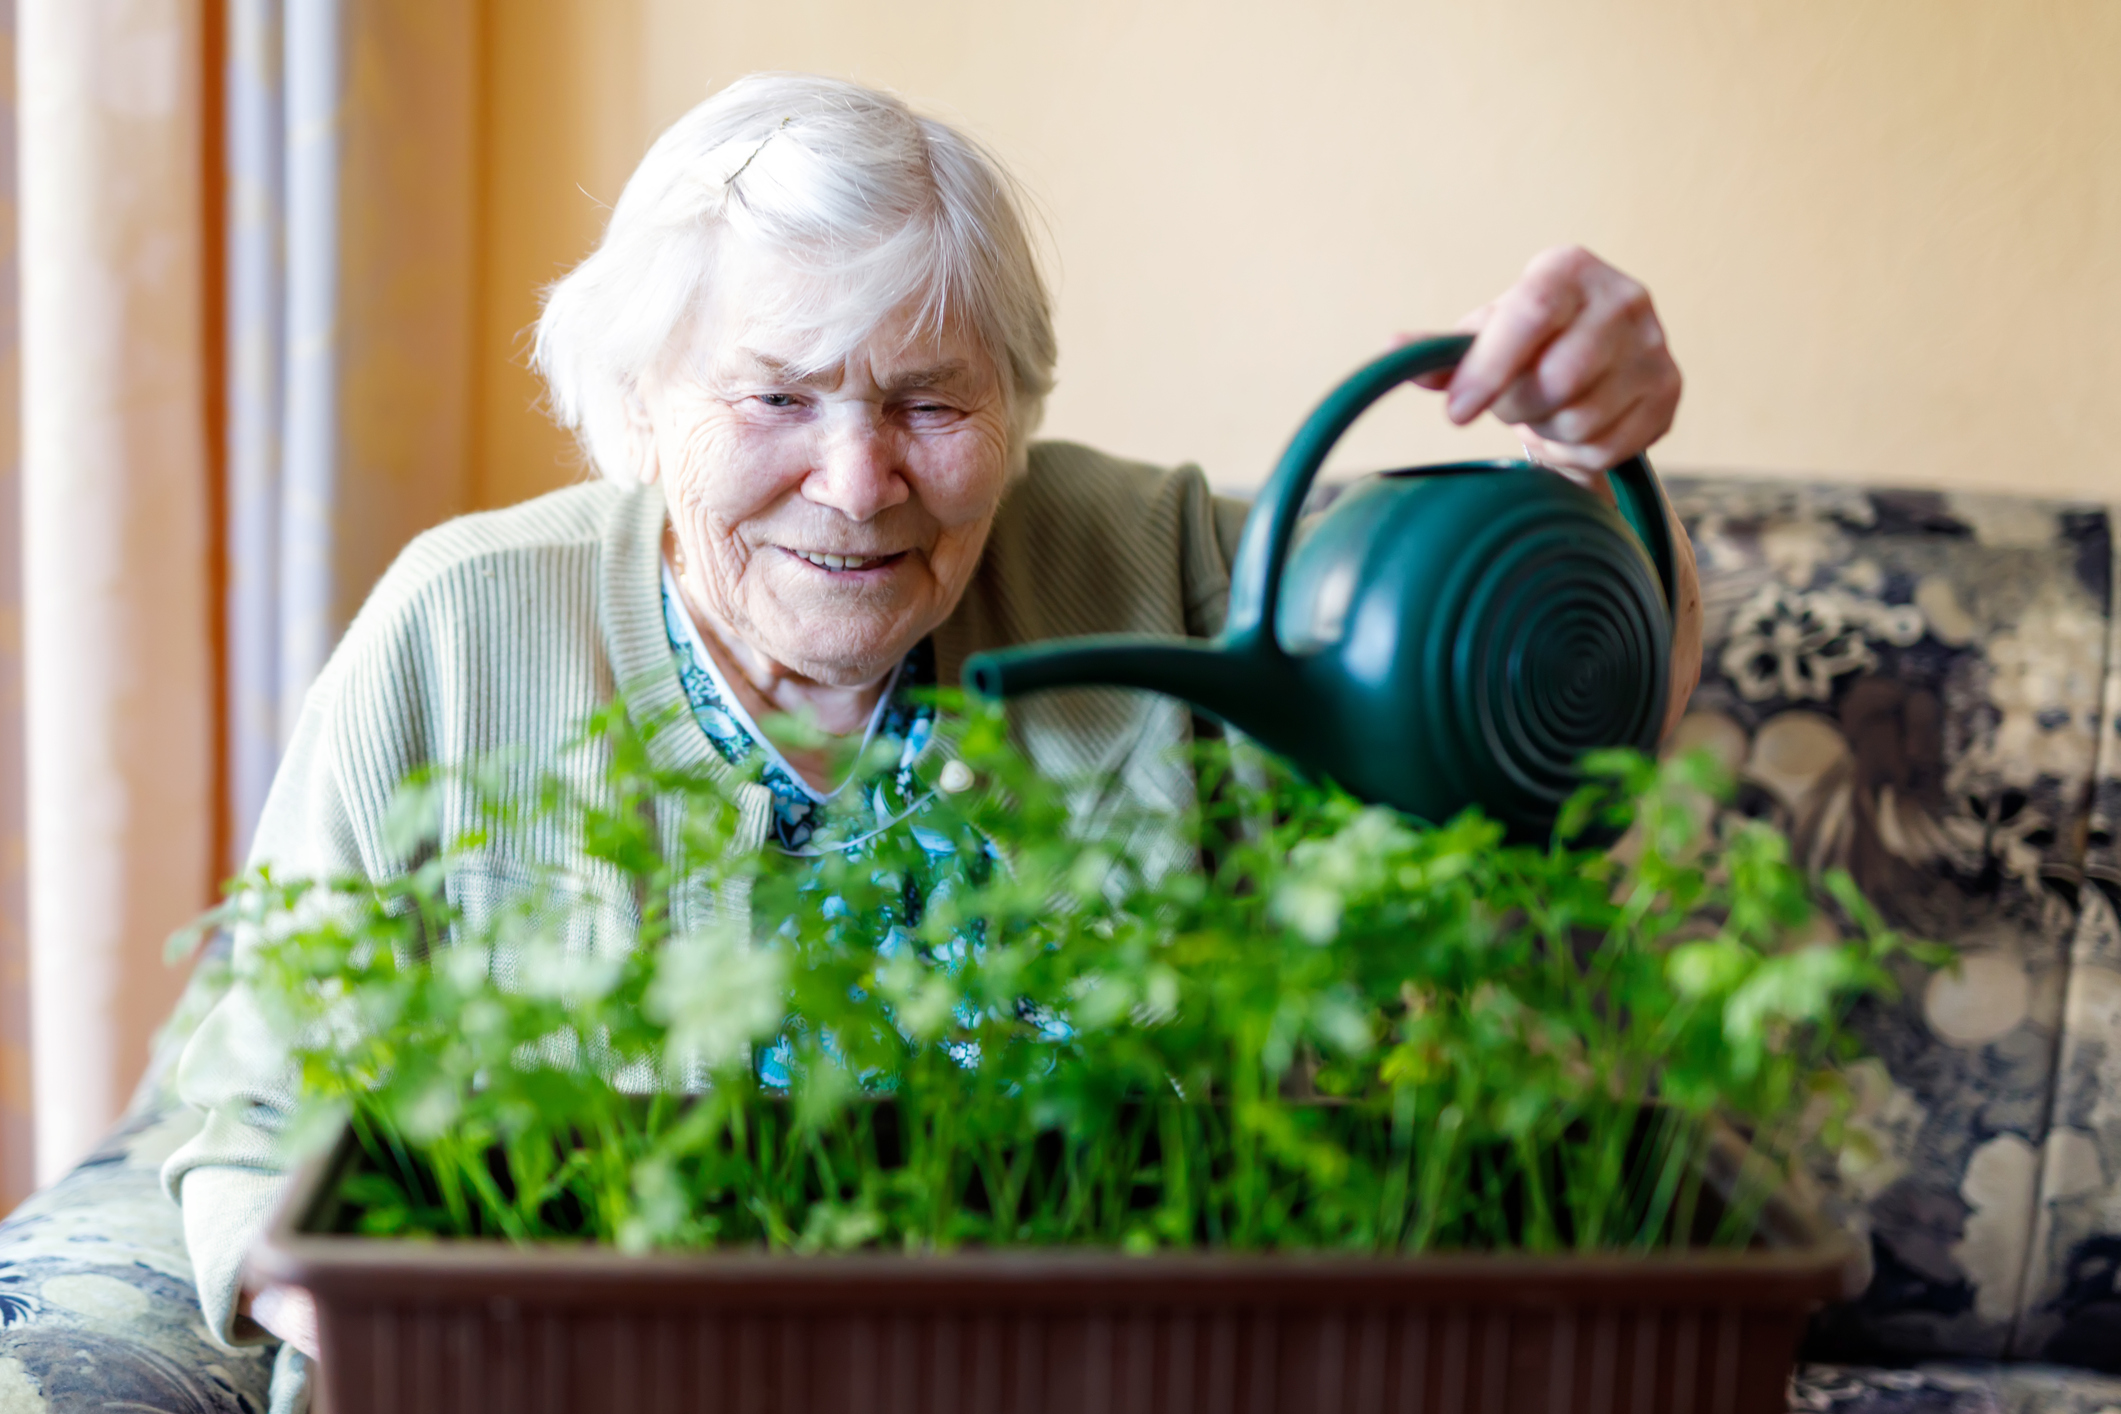 Corona-Patientin auf behördliche Anweisung in Senioren-WG zurückgebracht